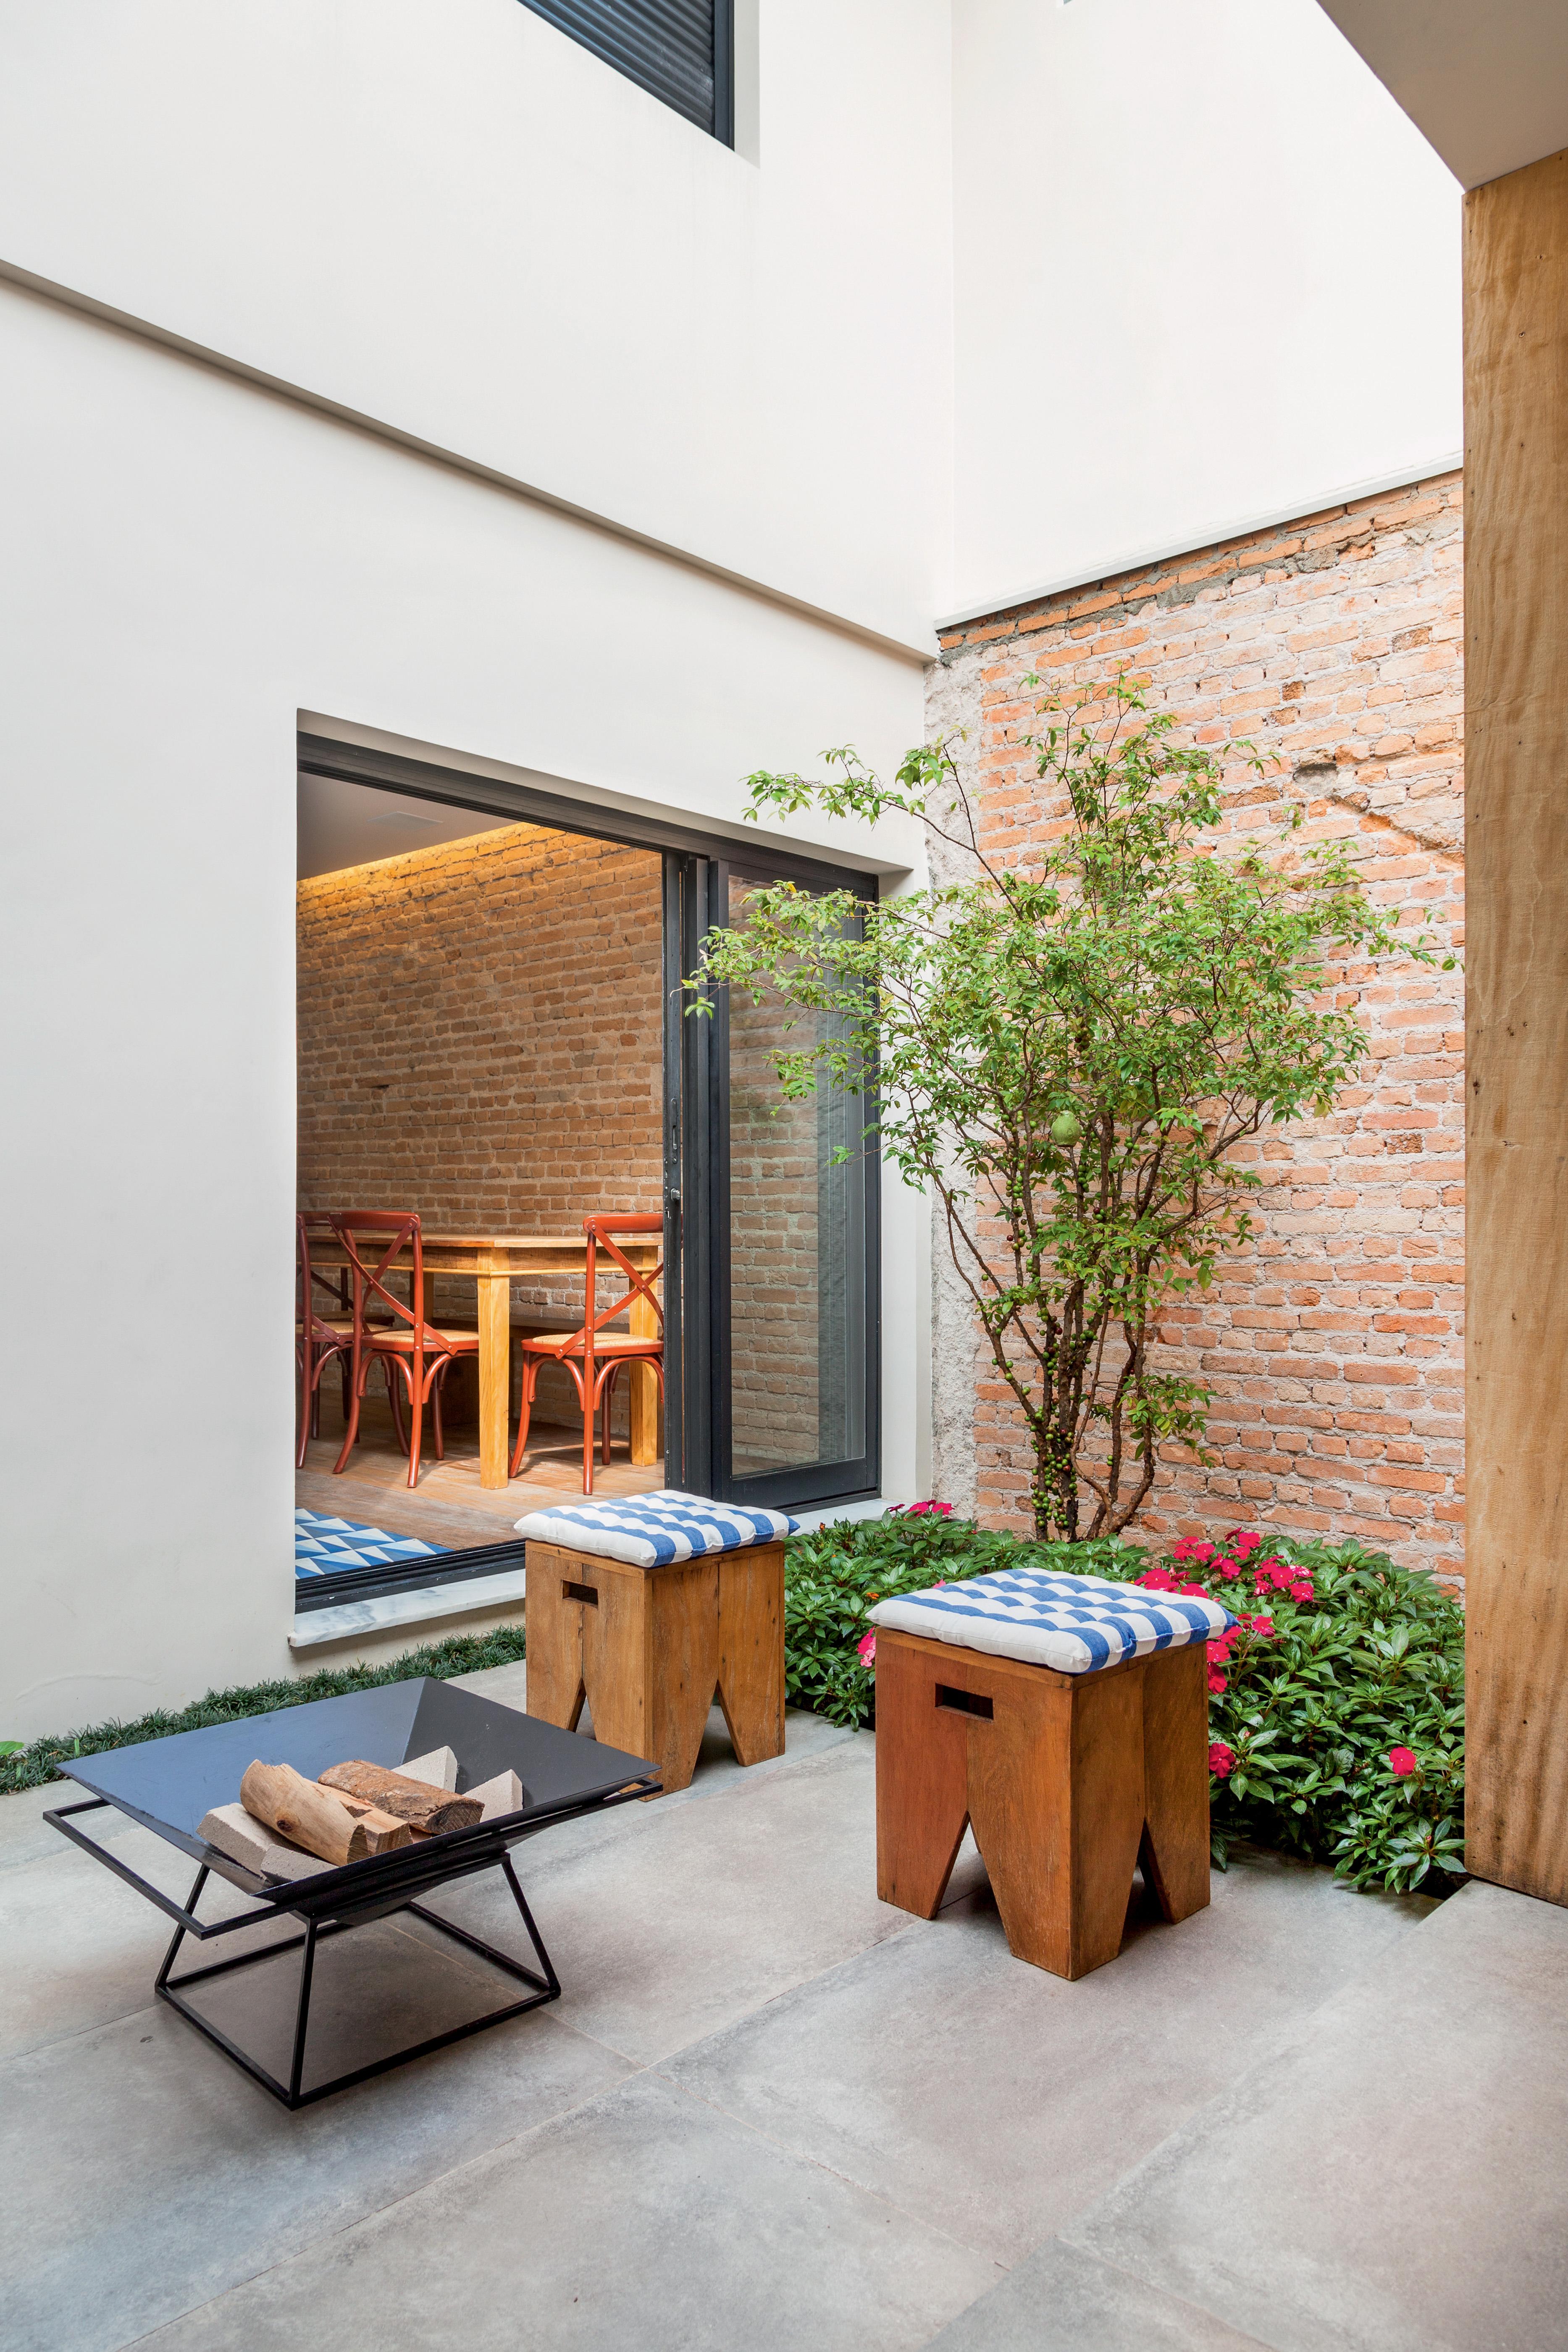 Lareira portátil e banquinhos em pàtio de 13 m², com projeto das arquitetas Sarah Bonanno de Almeida e Marina Cardoso de Almeida, do escritório Tria Arquitetura.